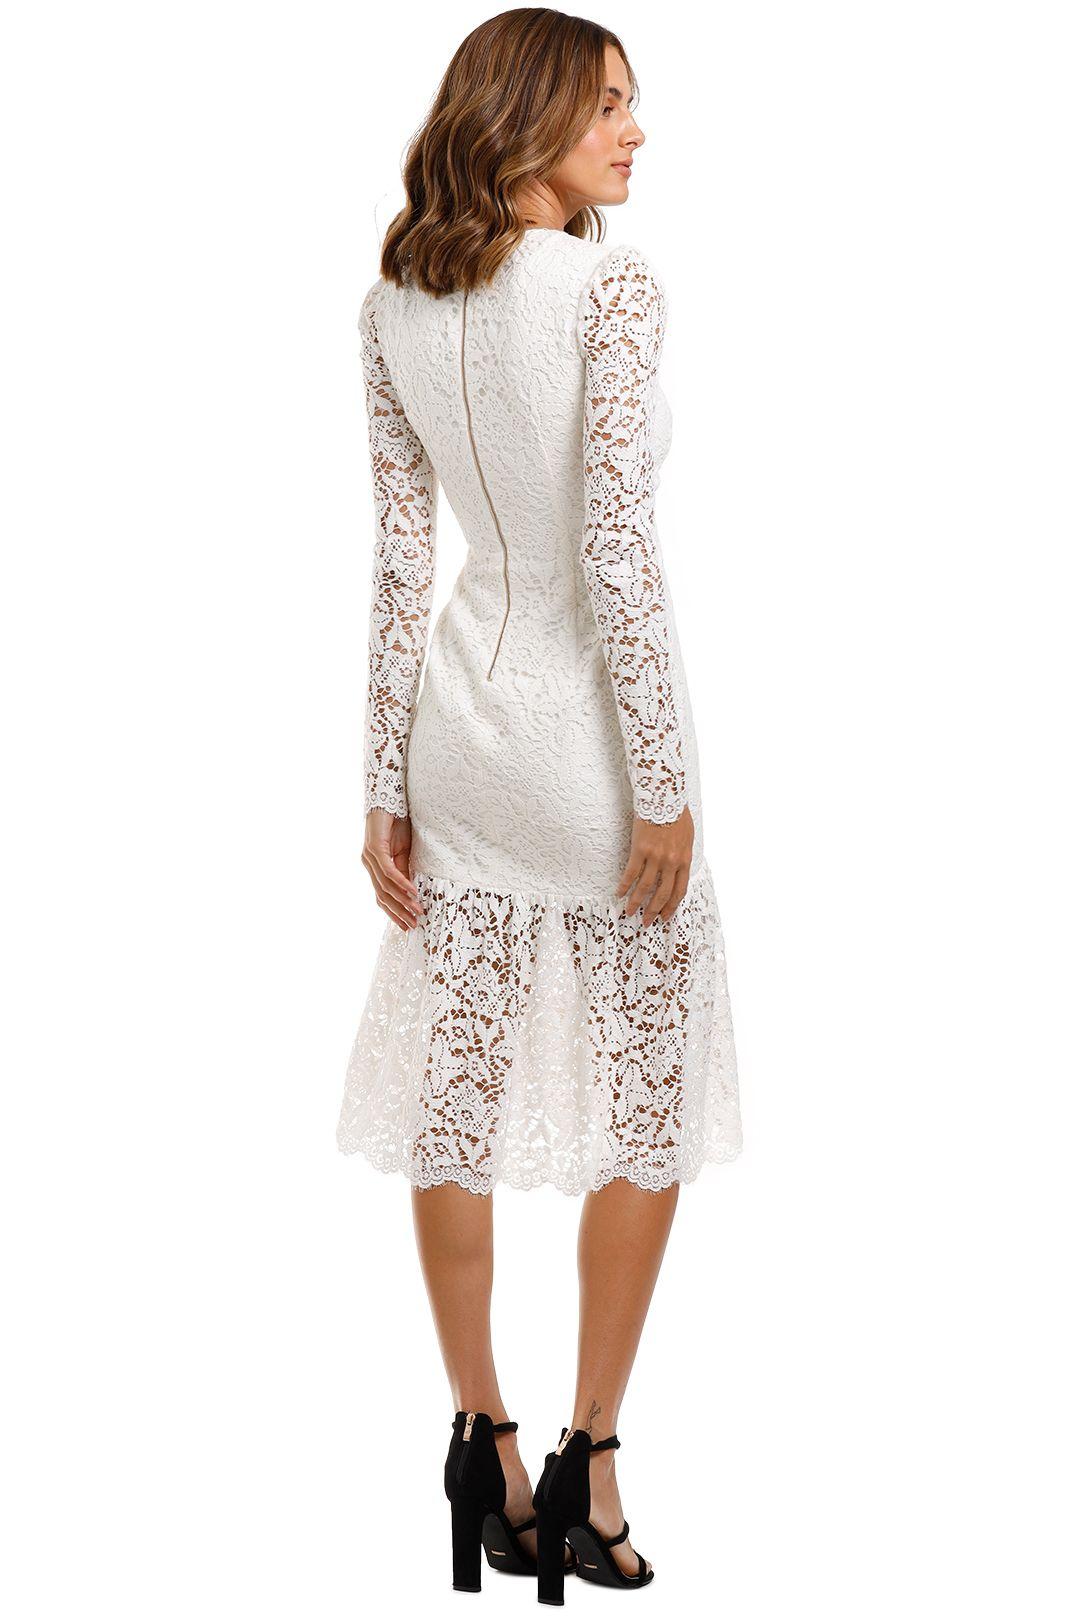 Rebecca Vallance Le Saint Ruched Dress White Midi